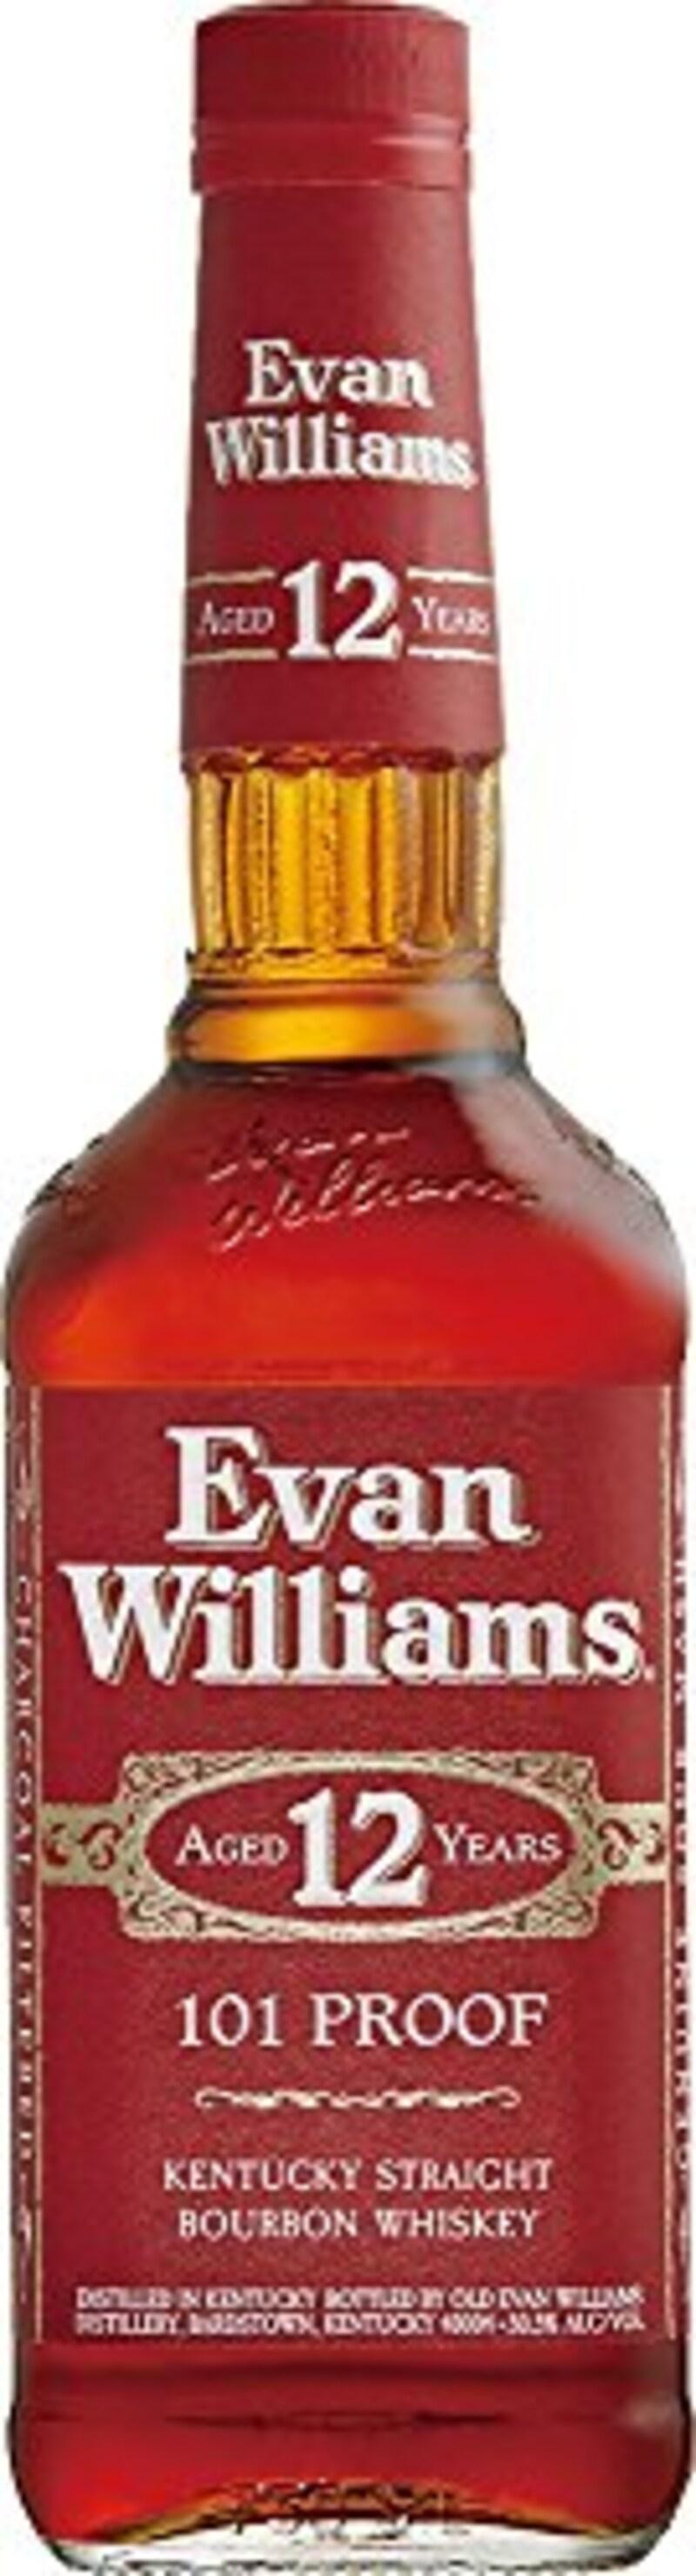 Evan Williams(エヴァン・ウィリアムス),エヴァン・ウィリアムス 12年,-